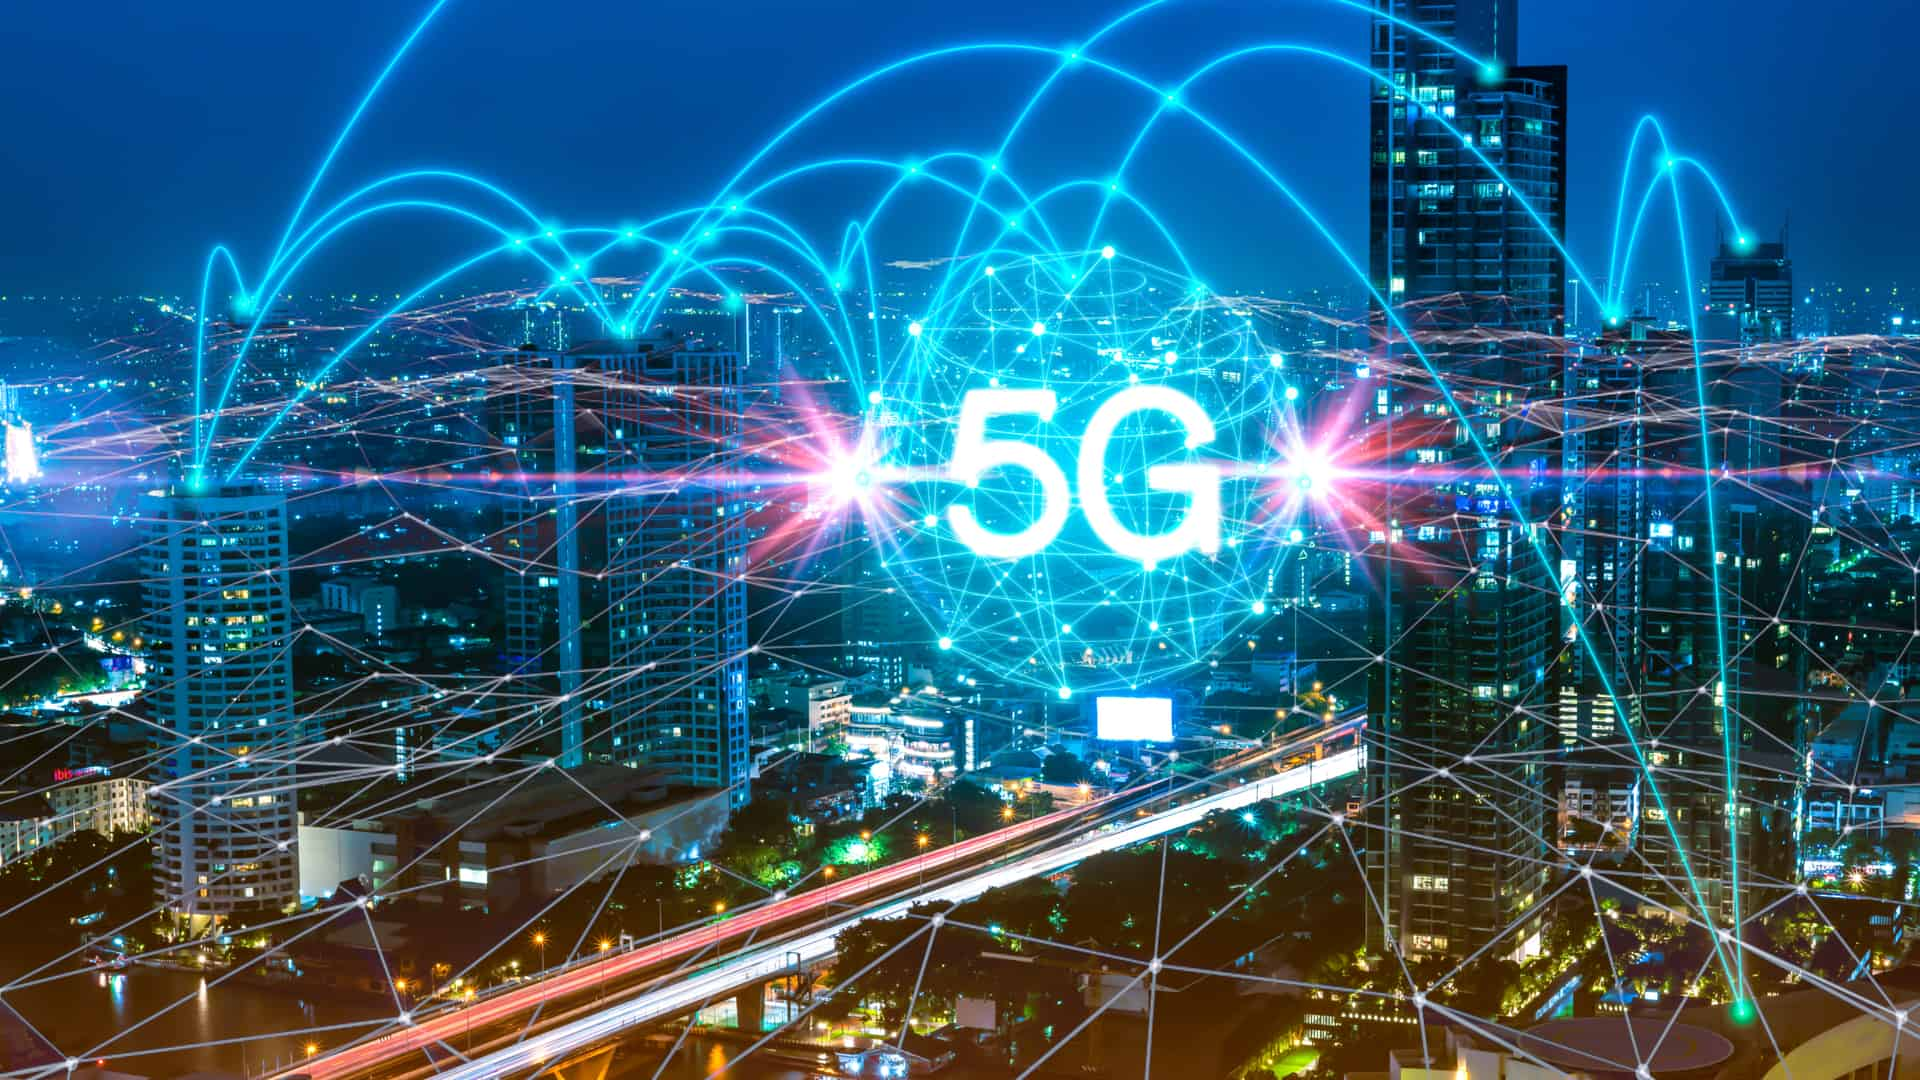 اینترنت نسل پنجم مودم 5g